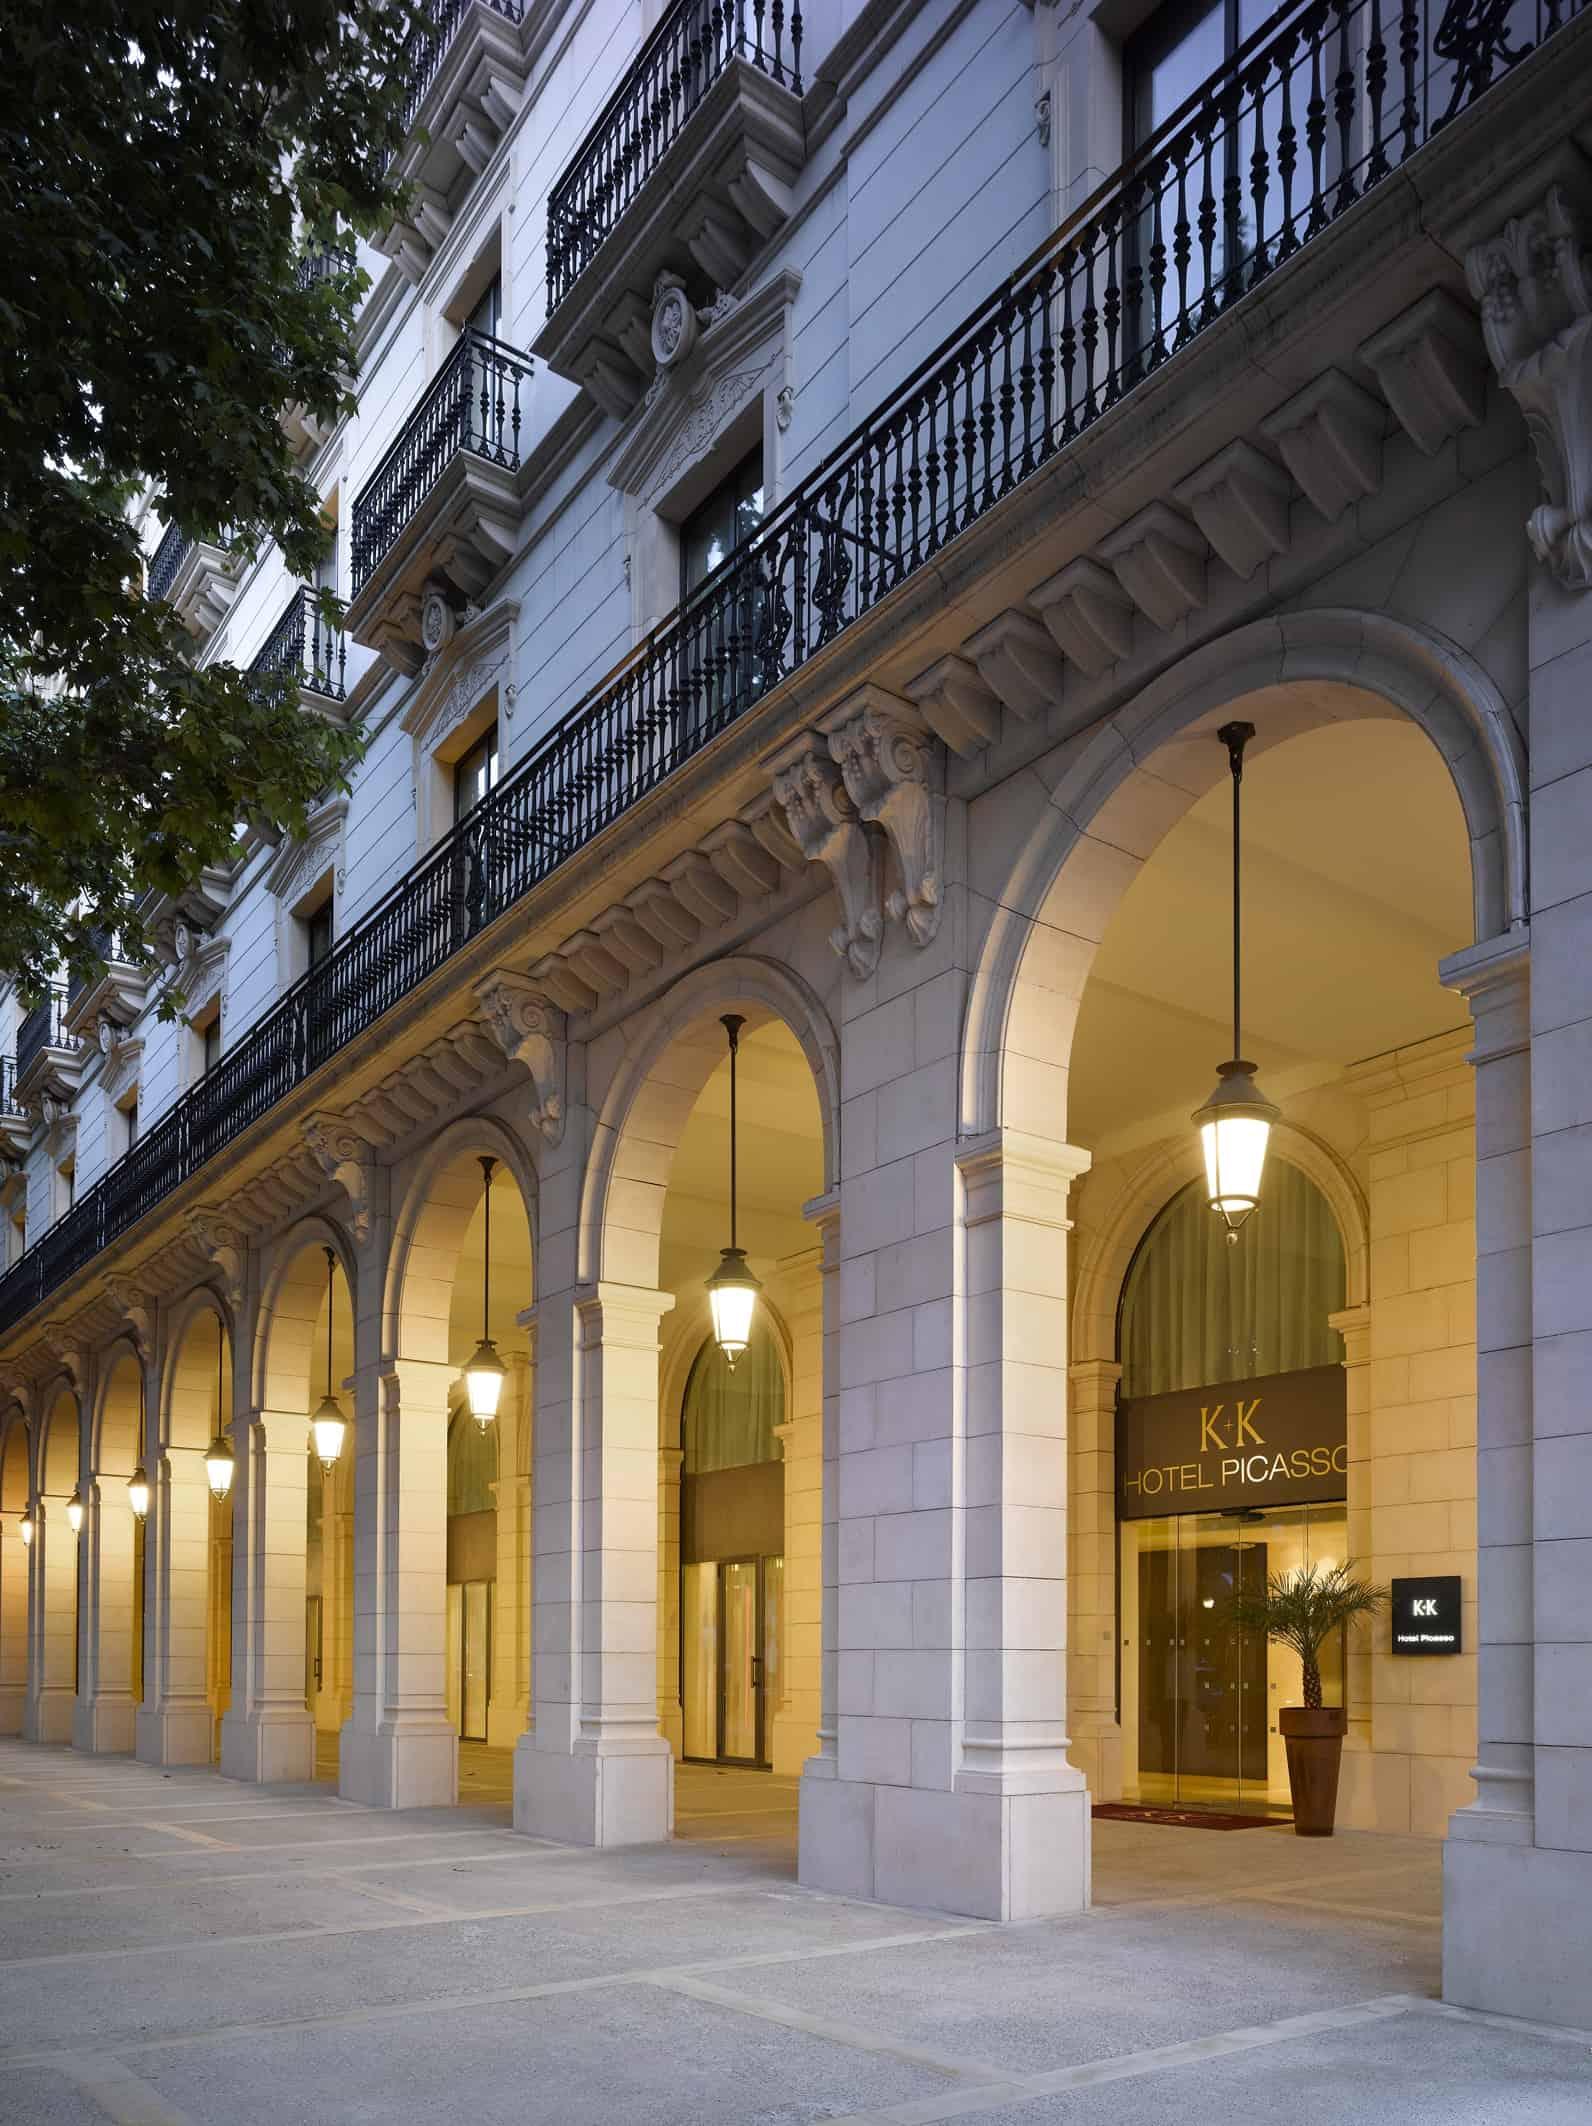 K+K Hotel Picasso Barcelona